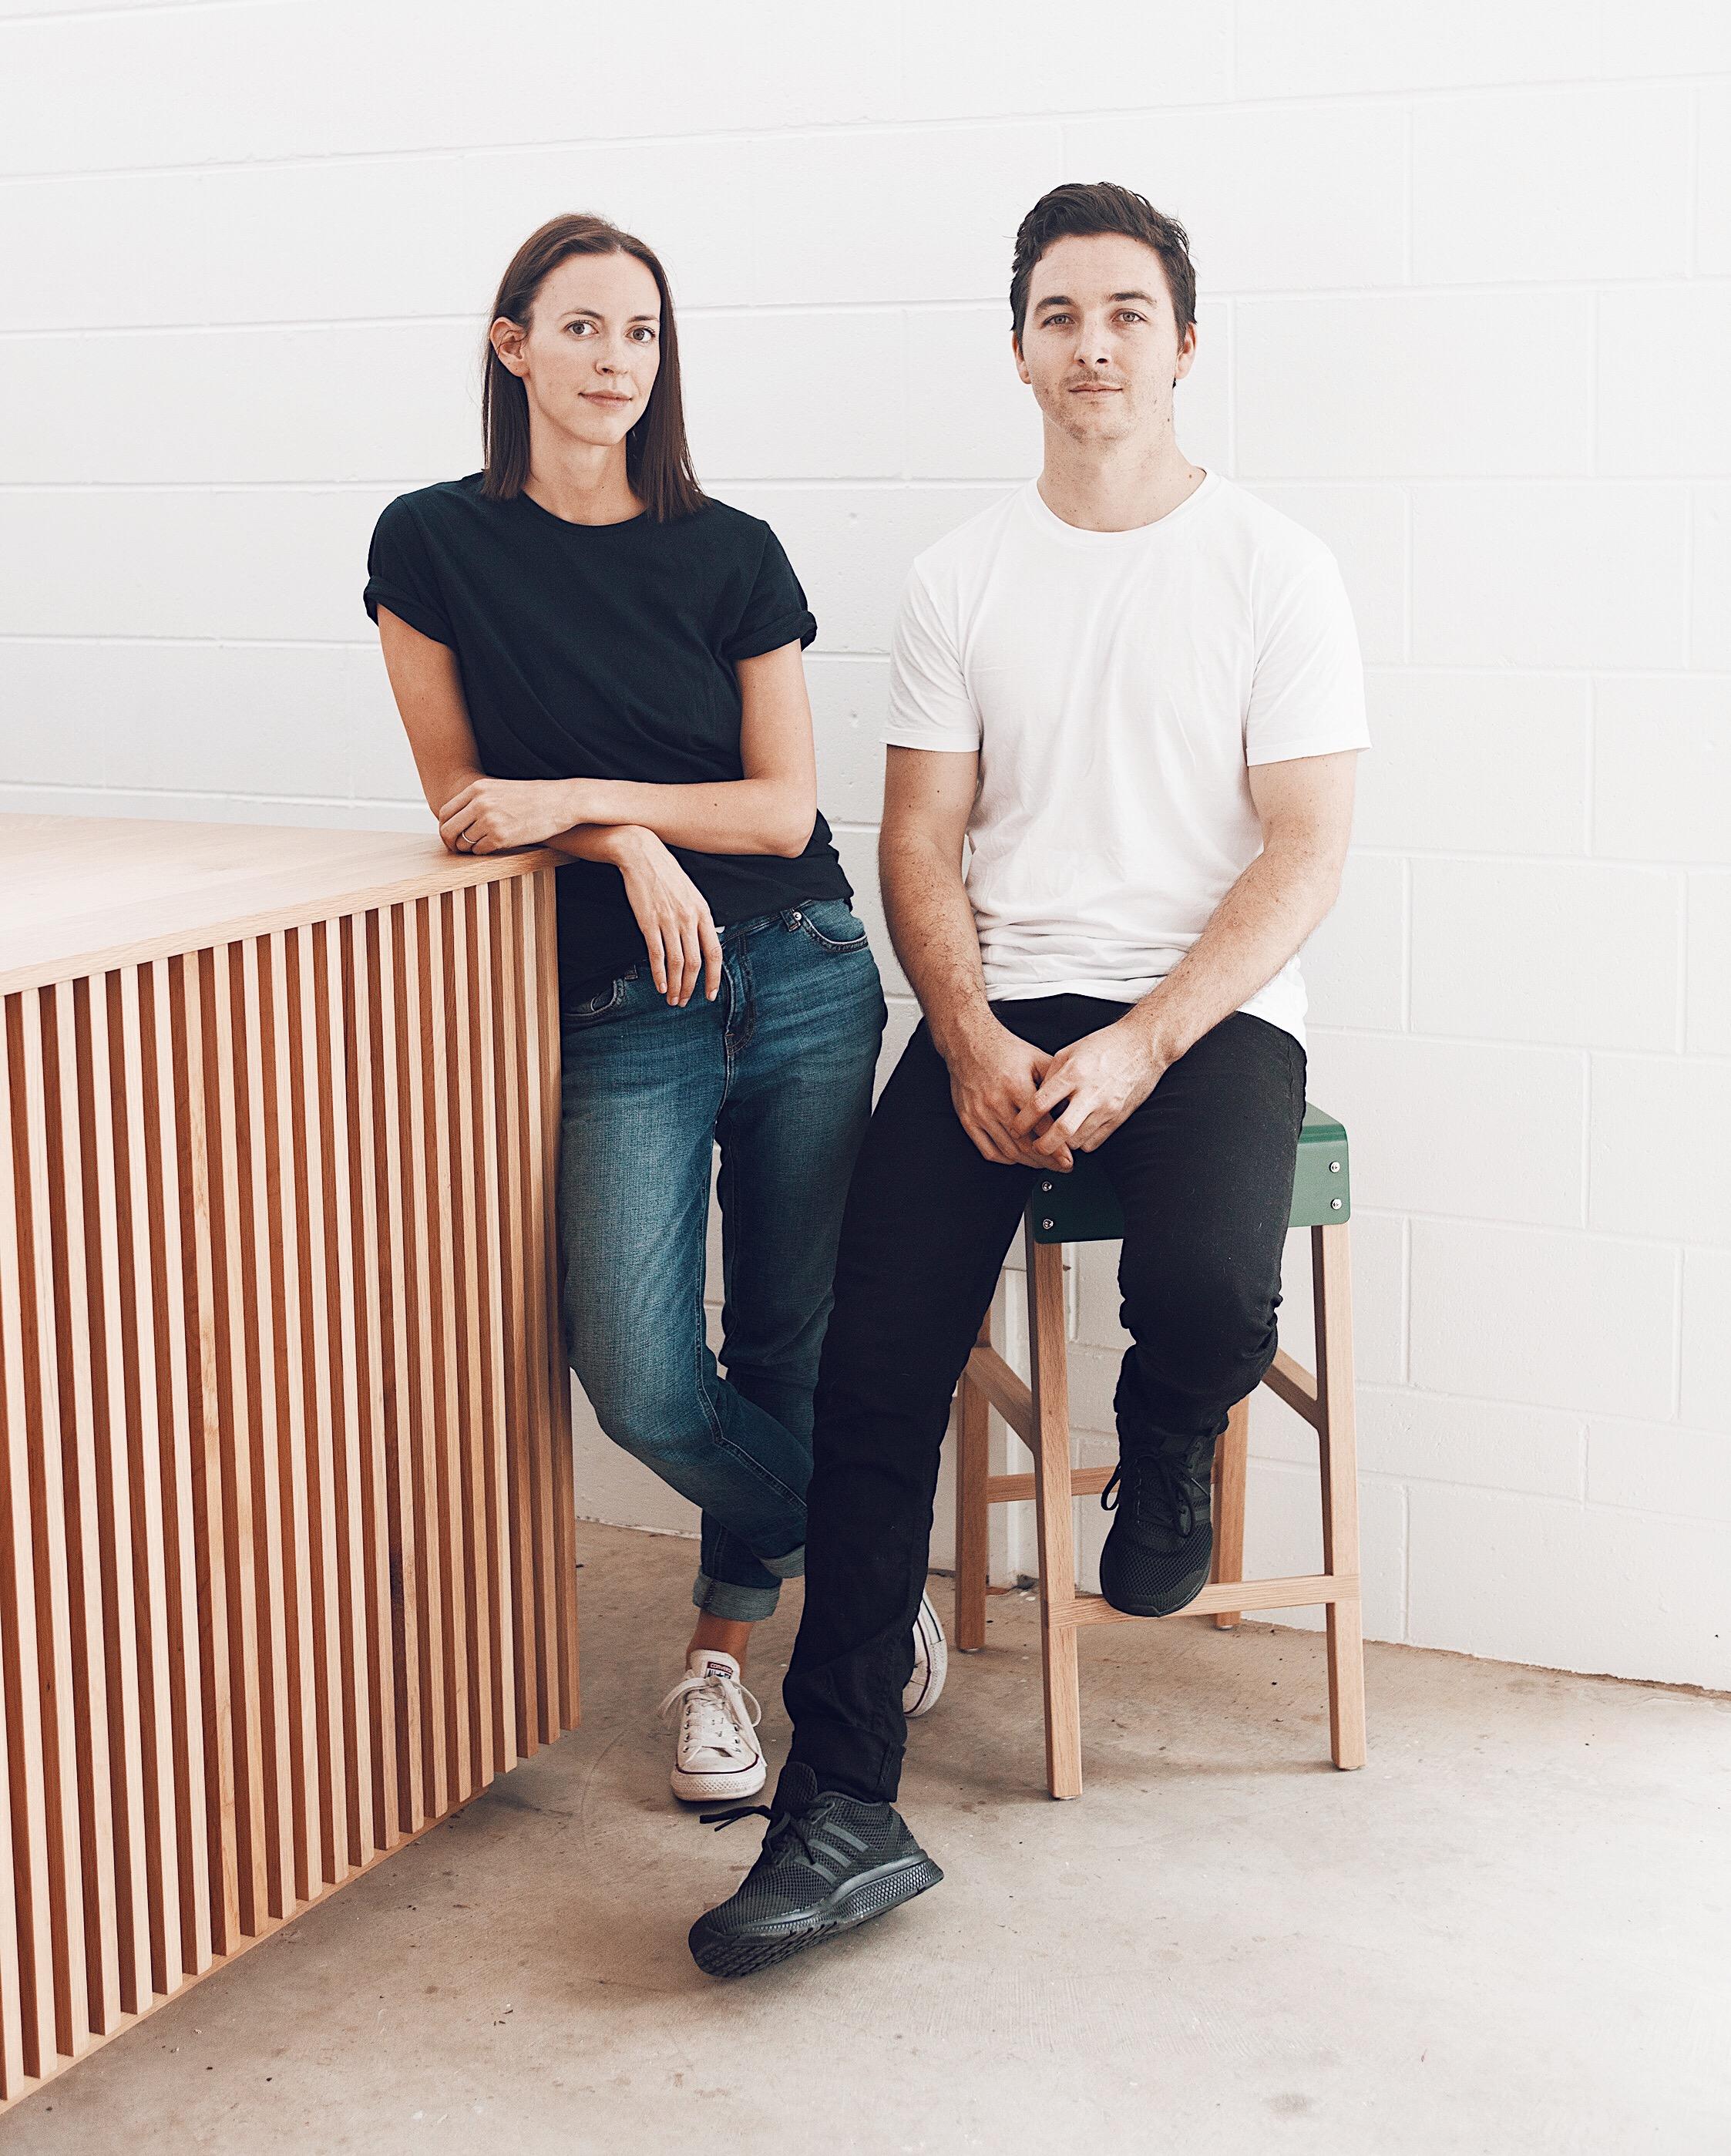 Kati and Rory Morgan from Mast Furniture